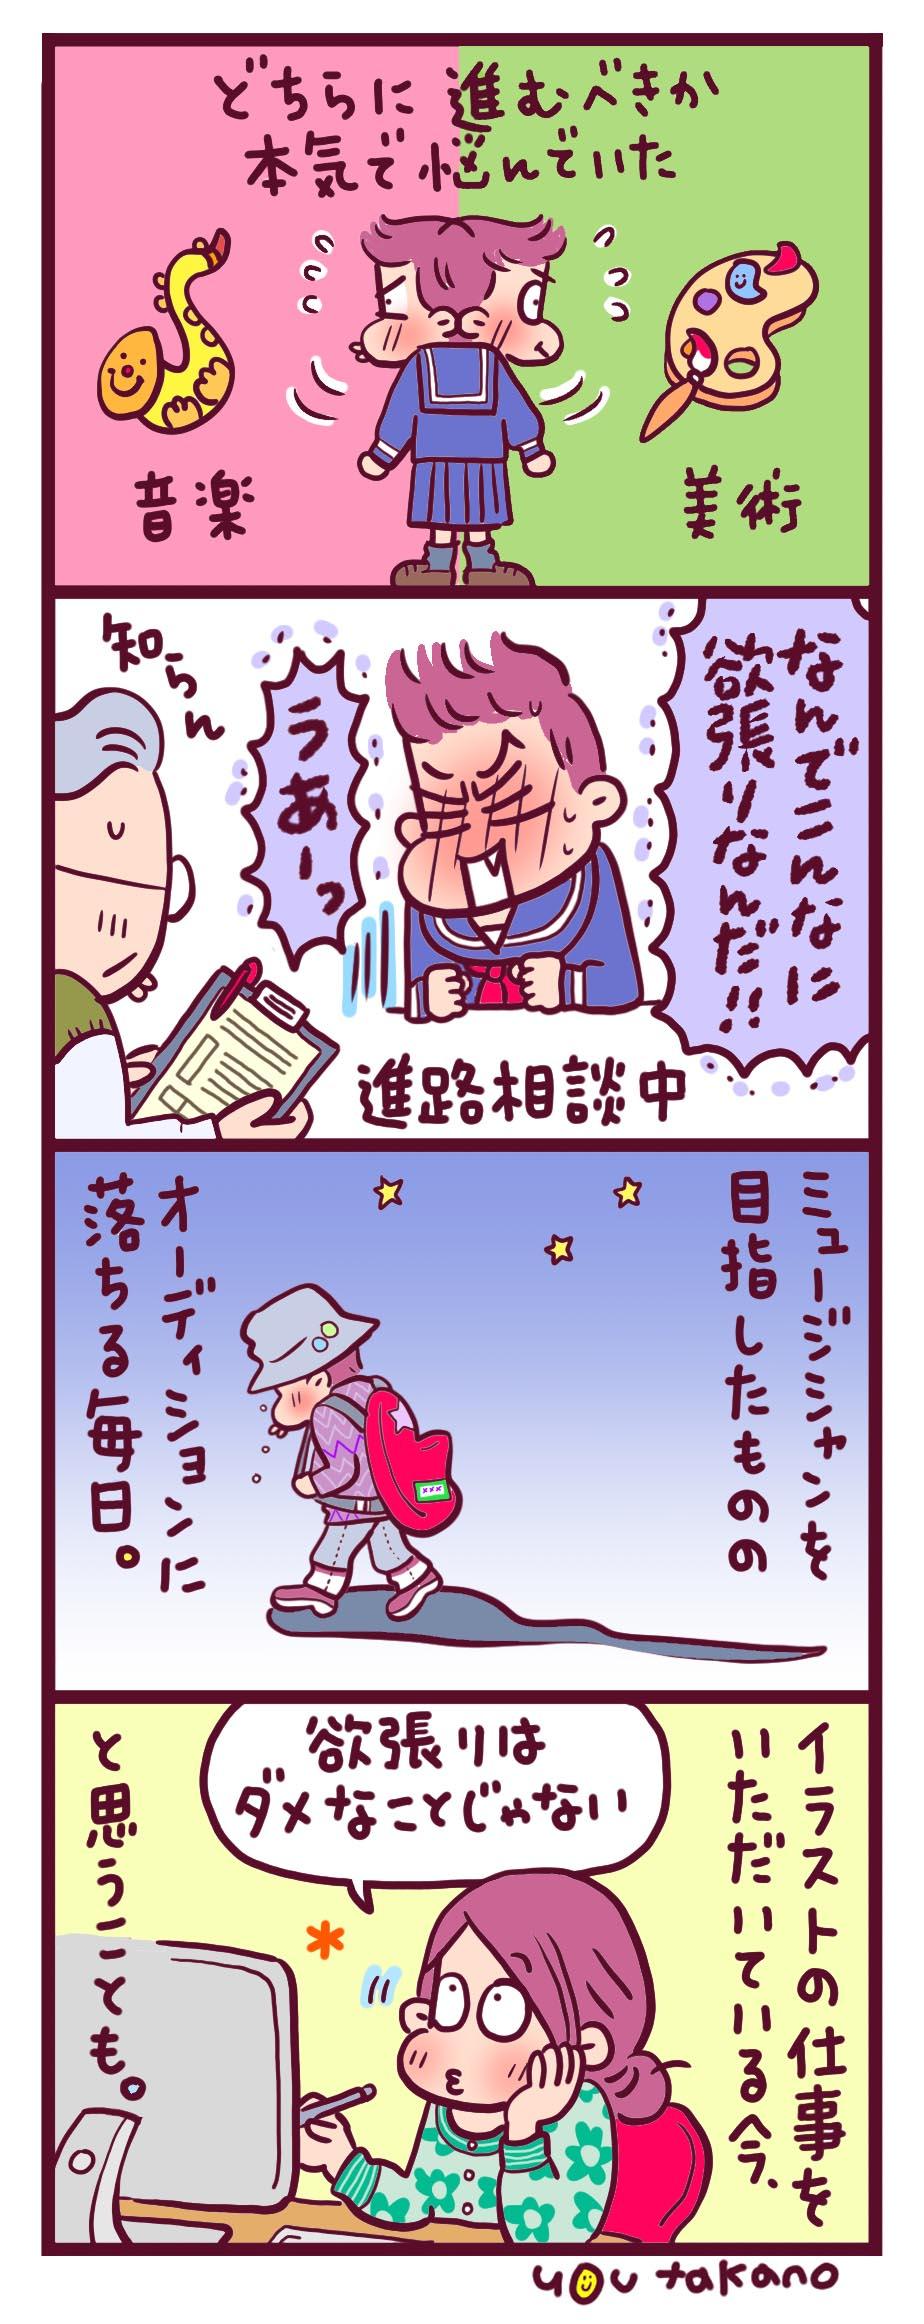 高野優HSPマンガ